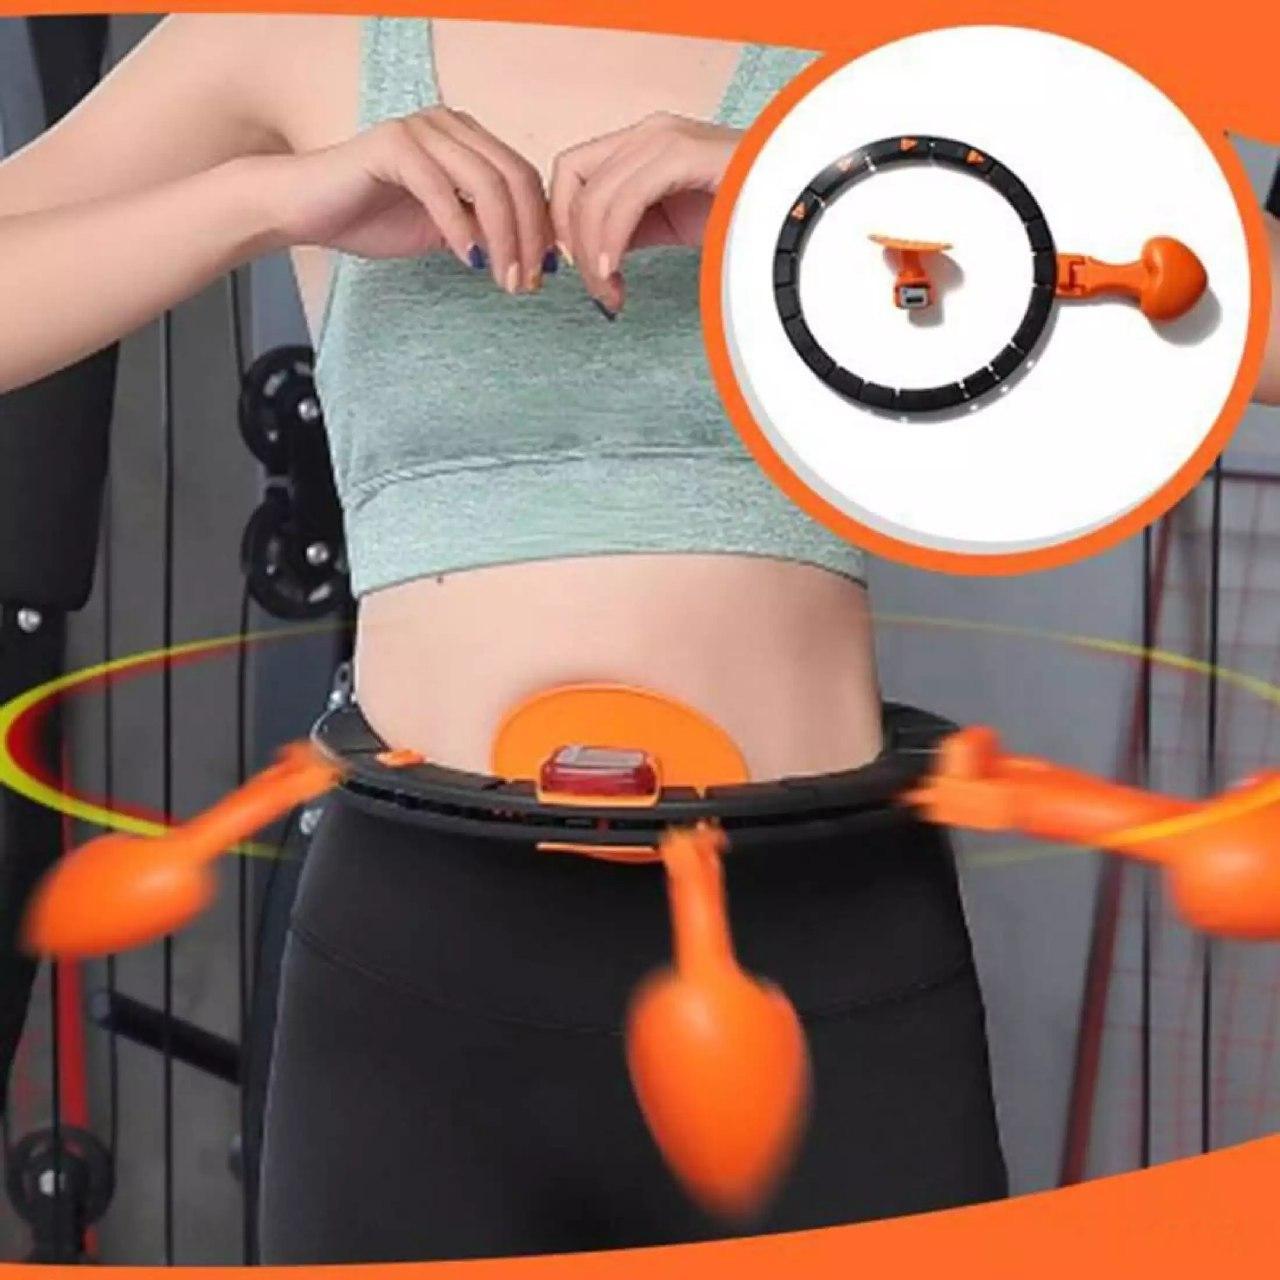 Хулахуп обруч для схуднення, фітнес коло для талії хула хуп з обважнювачем Hula Hoop